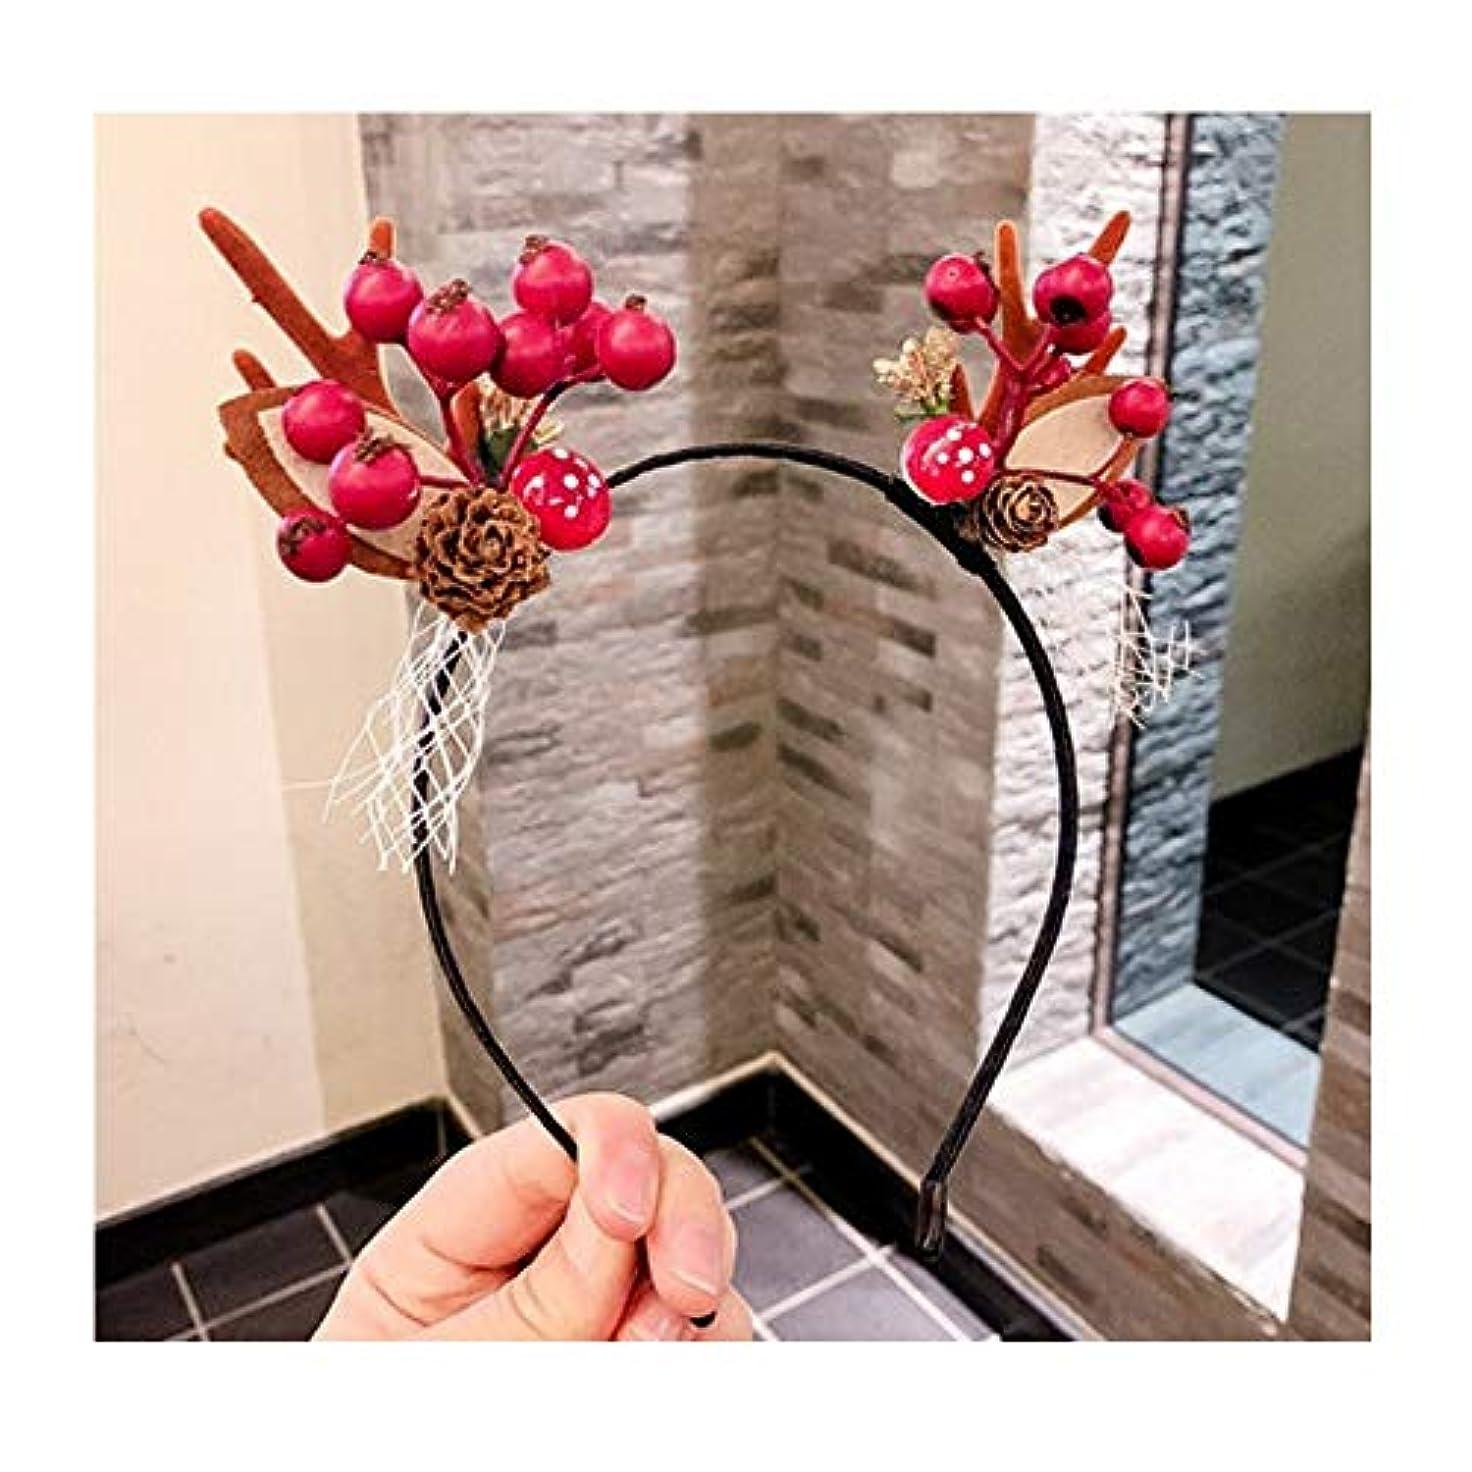 溶融尊敬するスライムヘッドバンドのクリスマスは、ヘッドバンド、小さな枝角は5つのスタイルオプションの頭飾り女性のヘアピンエルフスーパー妖精の通りのヘアアクセサリーヘッドバンドムース (スタイル : A)